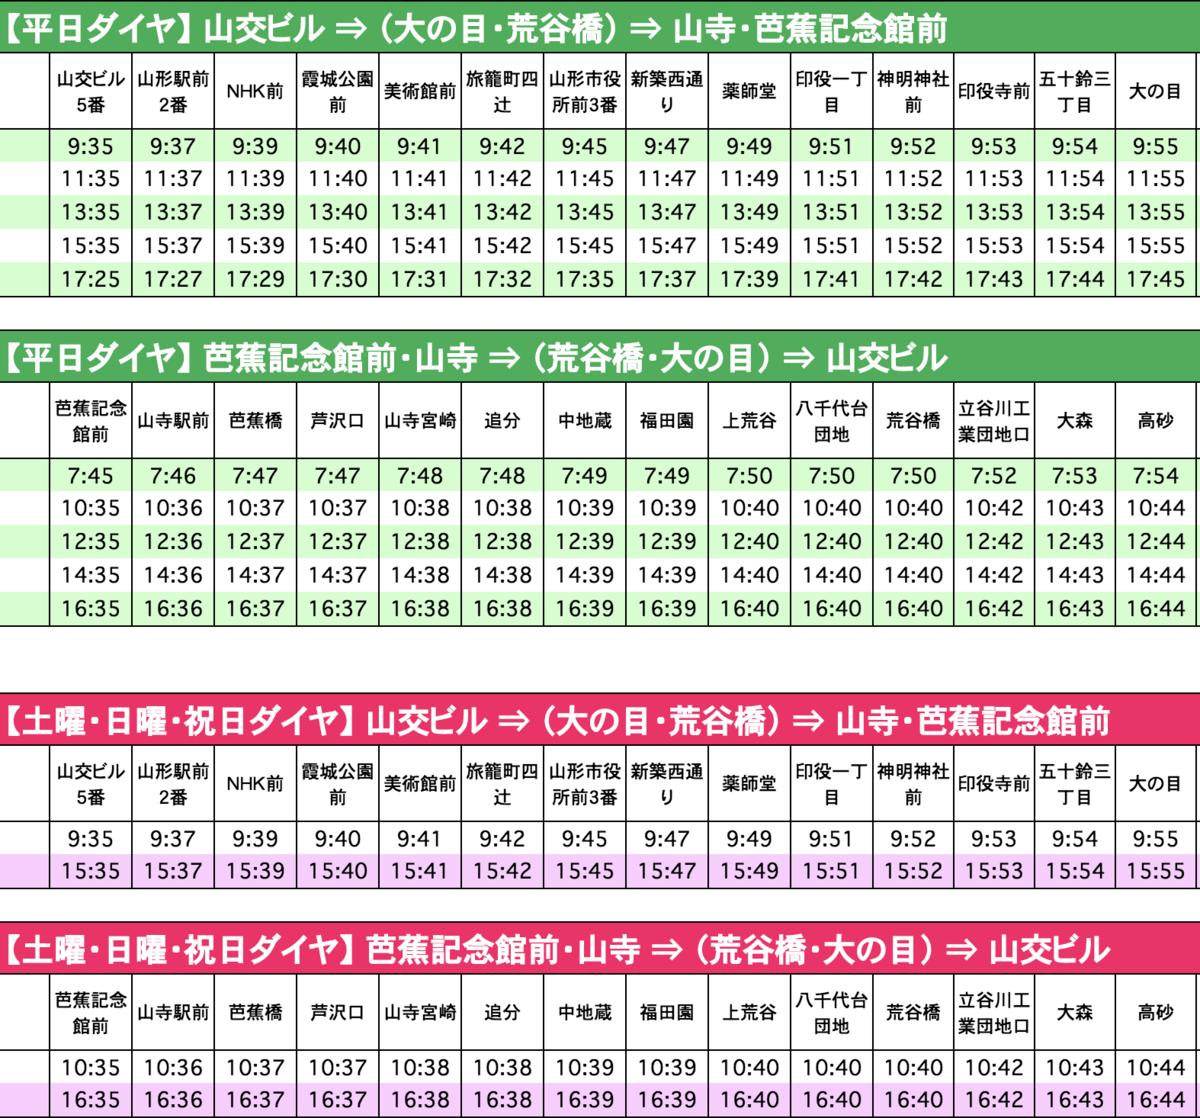 山交バスの時刻表